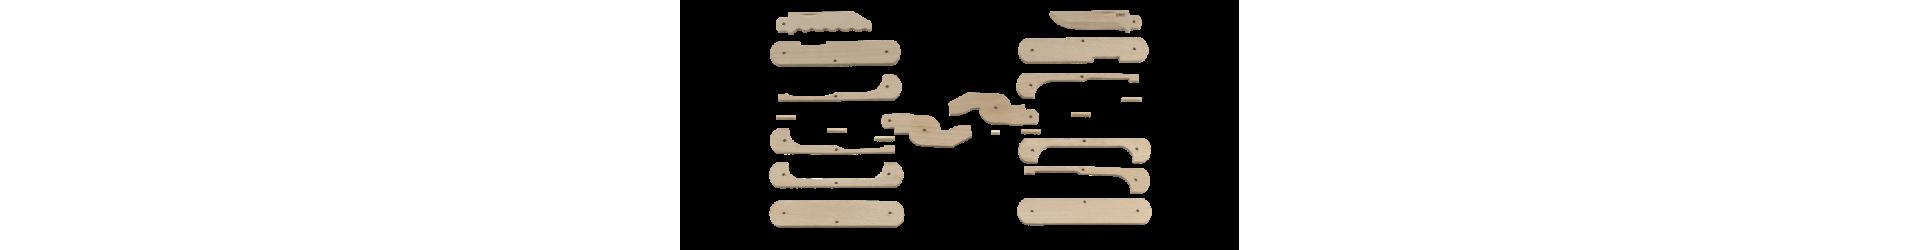 Kit costruzione coltelli